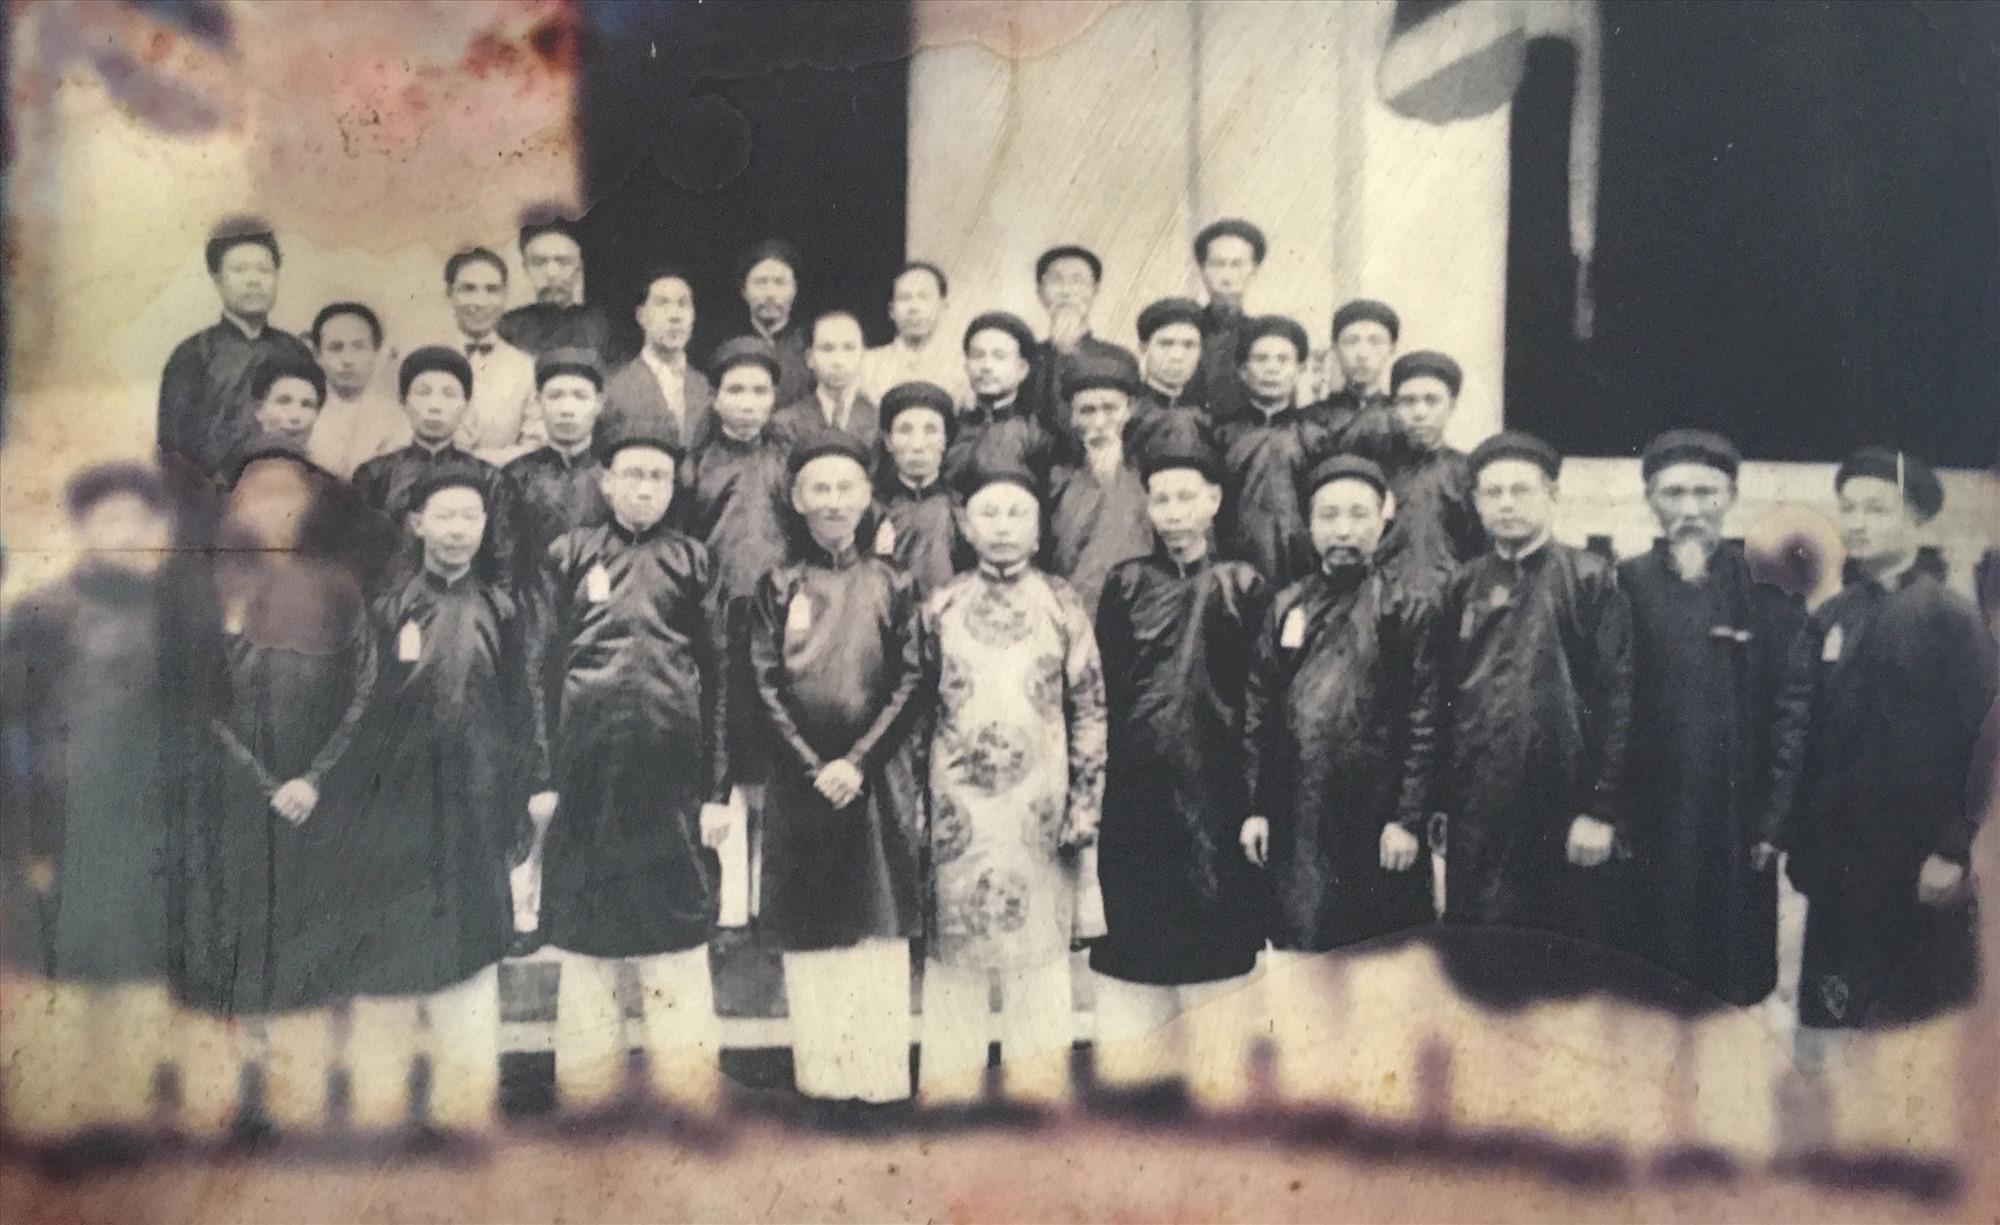 Ông Bùi Huy Tín (đứng giữa) trong buổi họp Hội Đồng châu Bắc kỳ tại Huế năm 1922 (lưu trữ tại Hội Đồng châu Bắc kỳ).